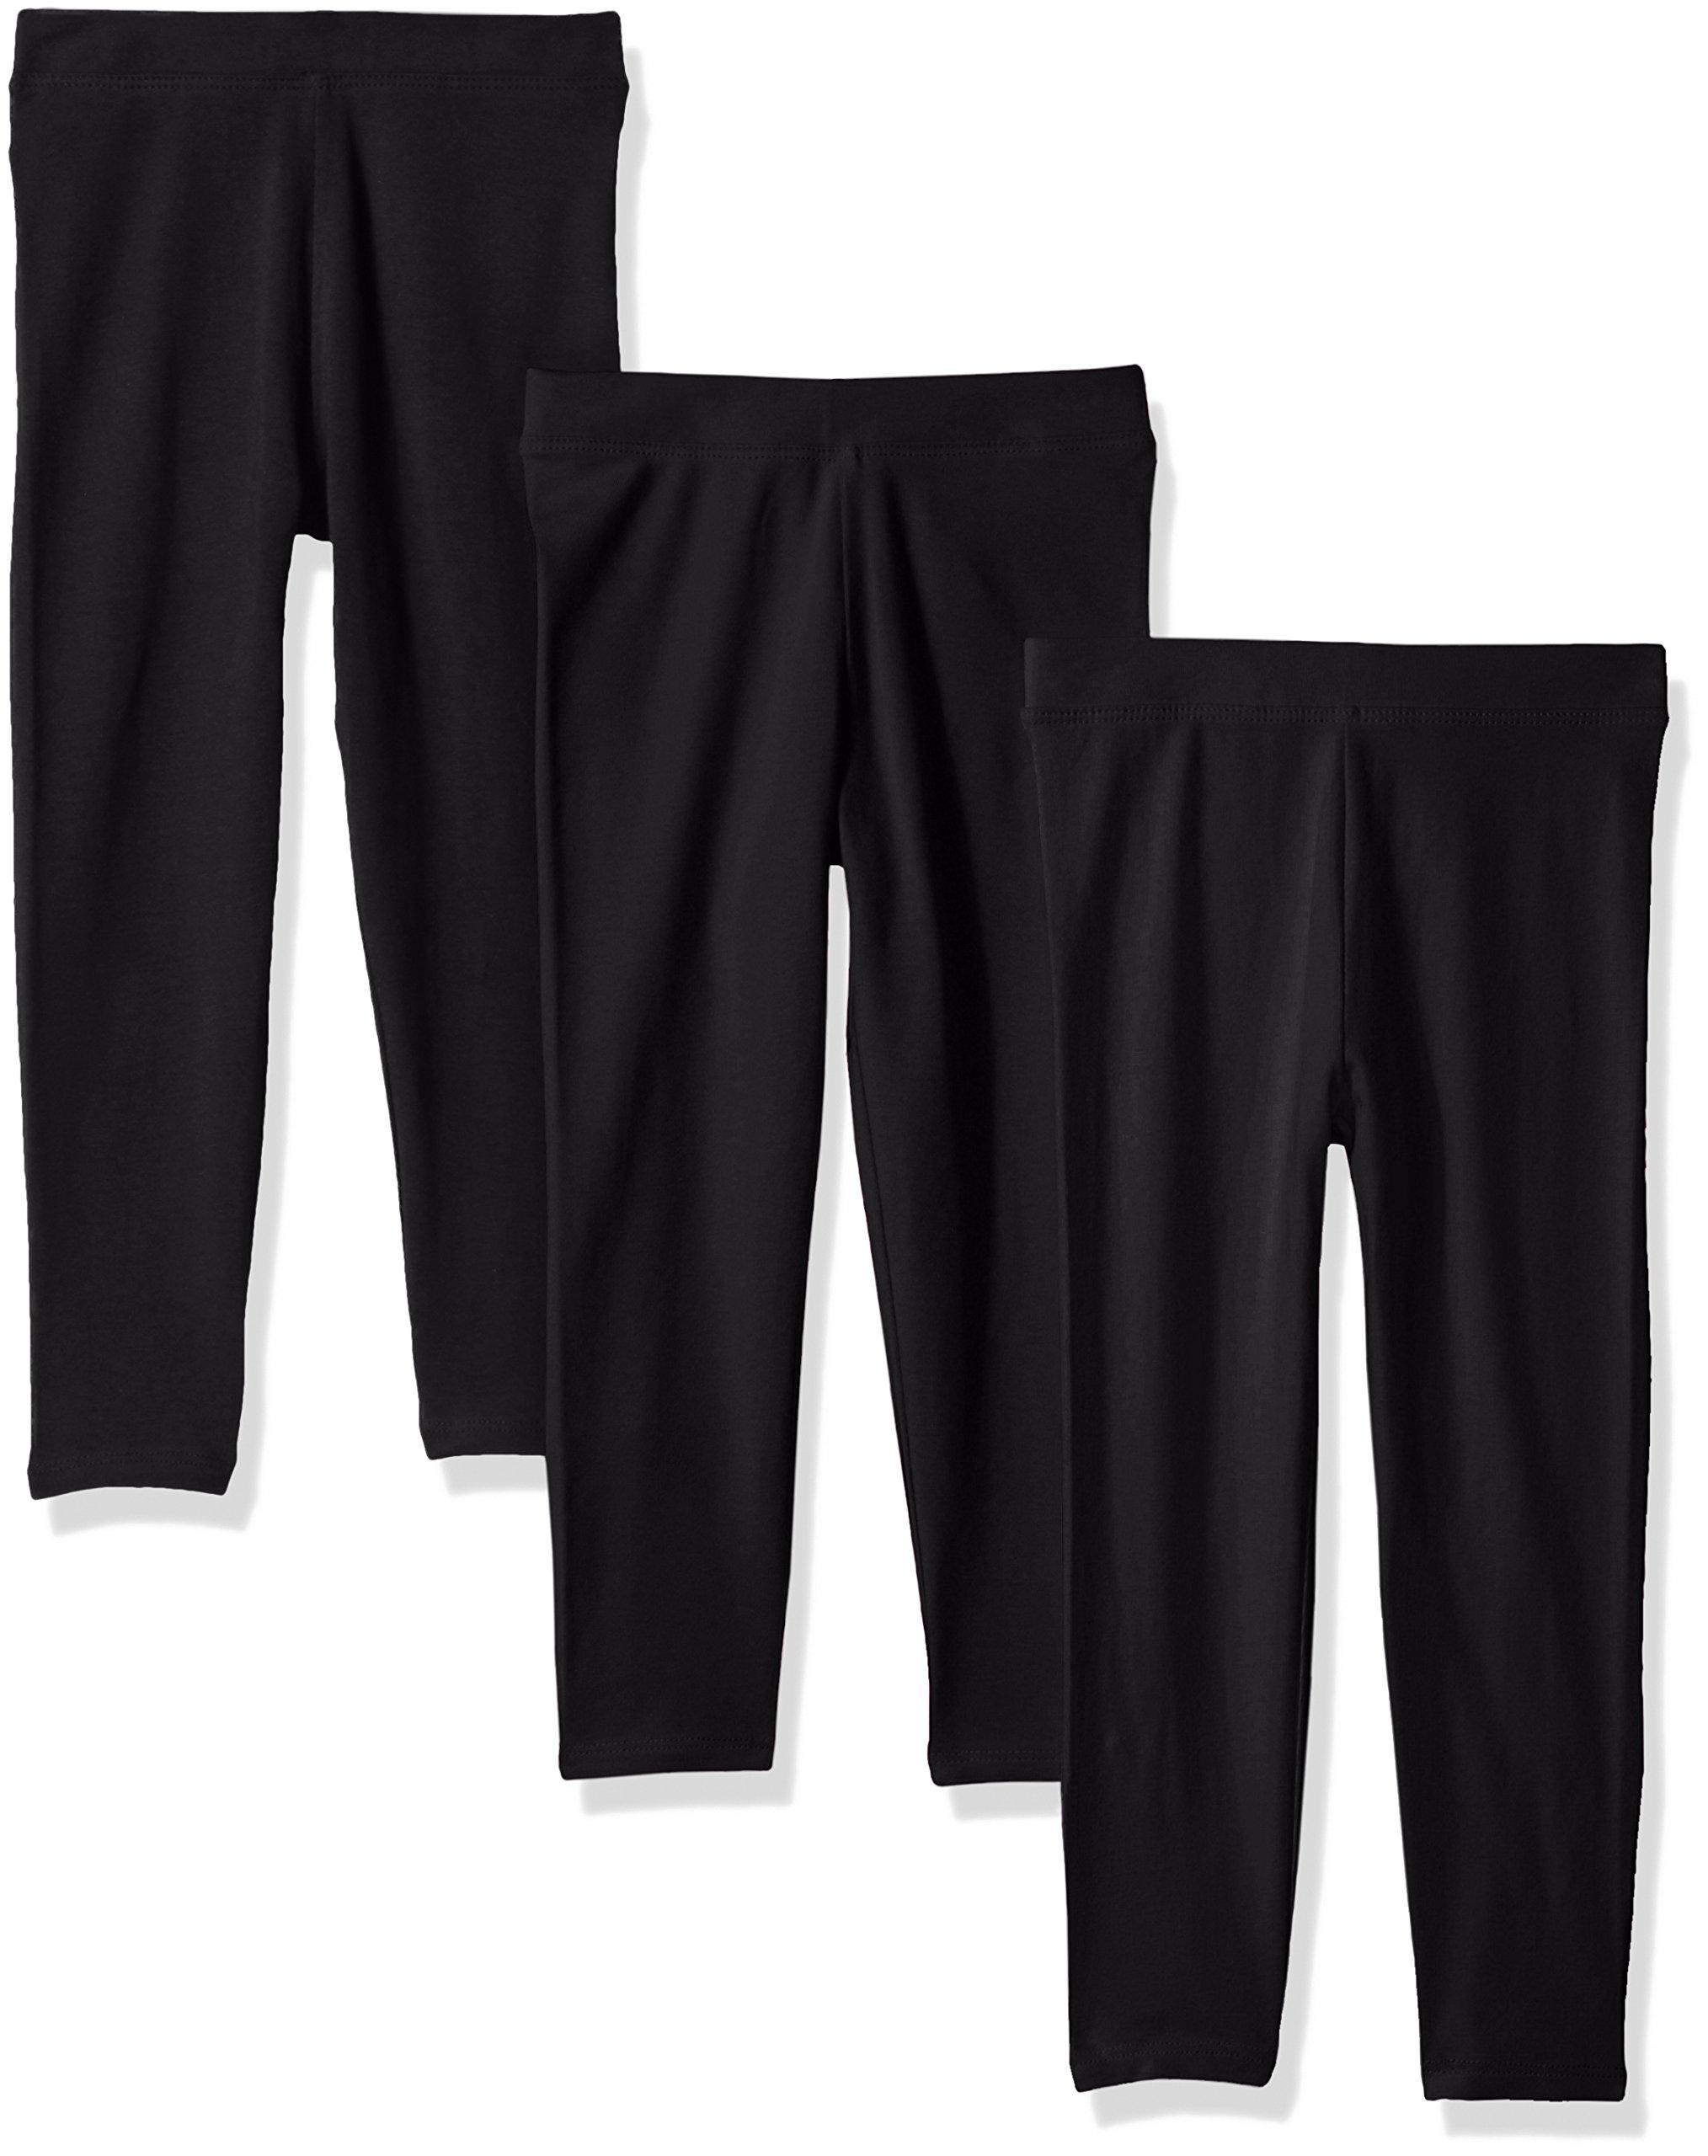 Amazon Essentials Girls' 3-Pack Leggings, Black/Black/Black, M (8)